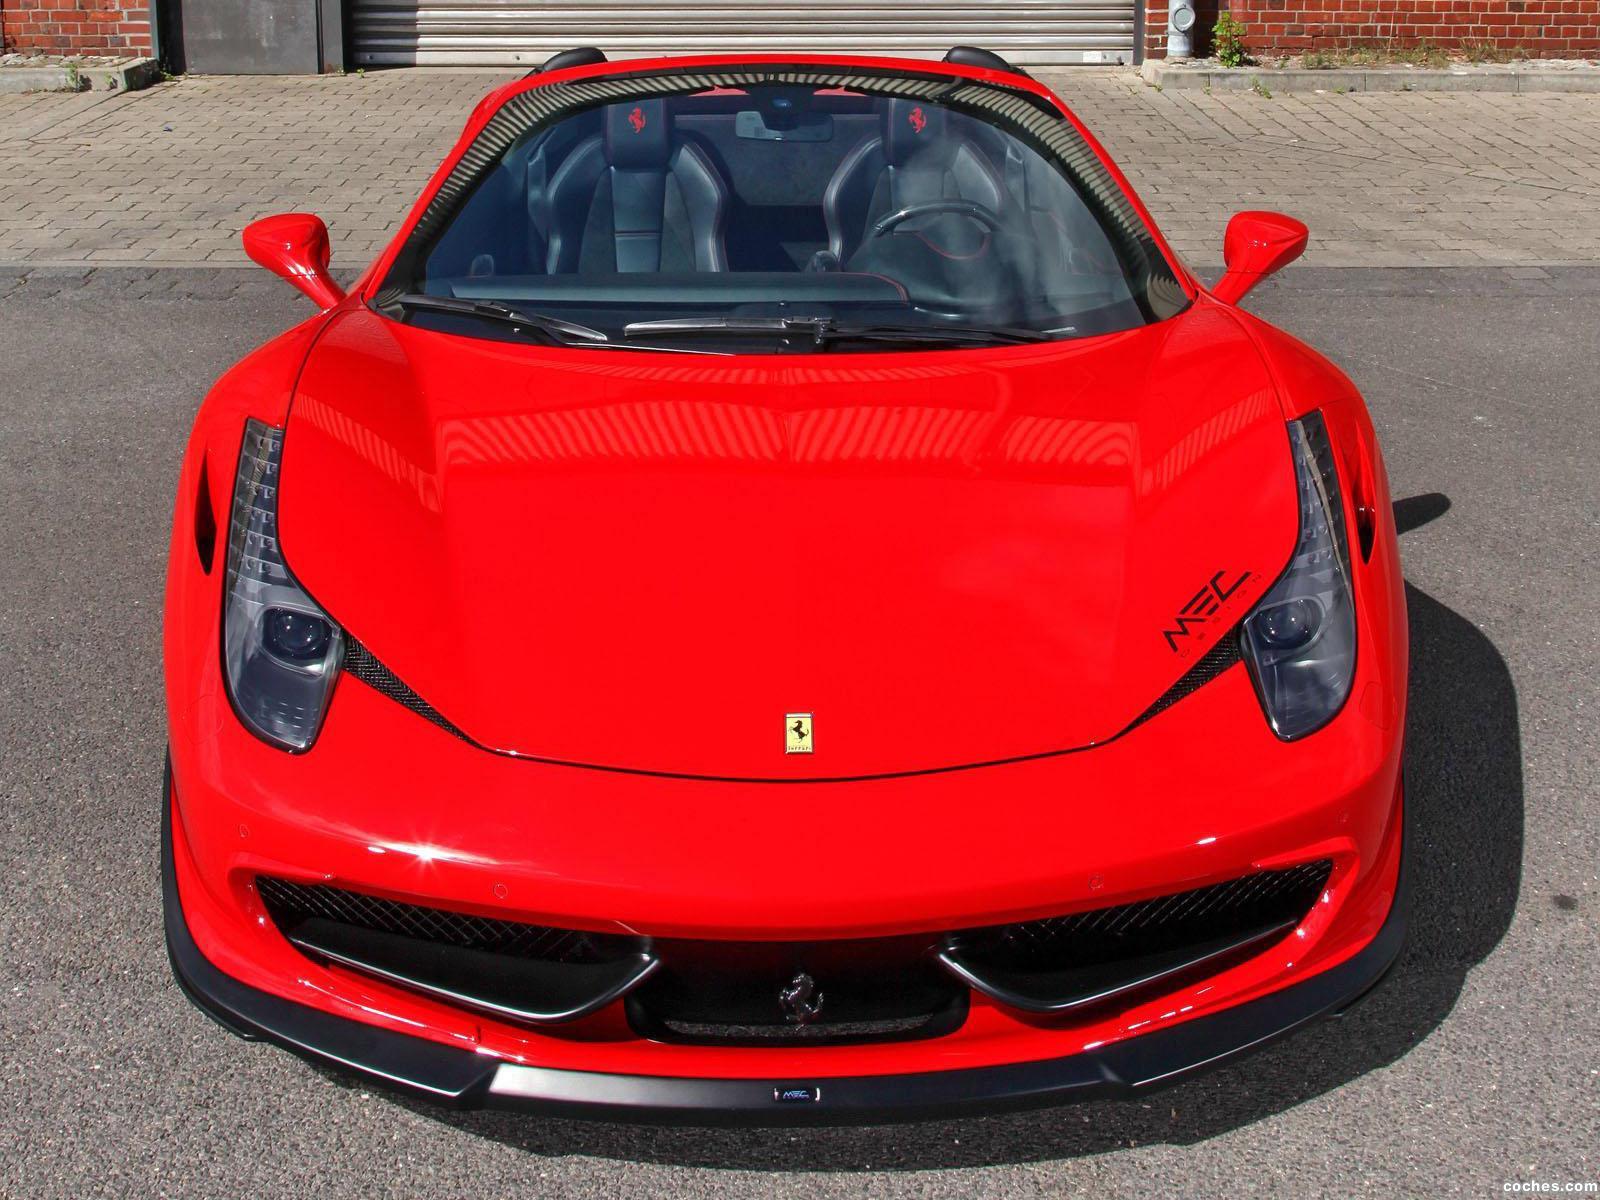 Foto 2 de Mec Design Ferrari 458 Italia 2014